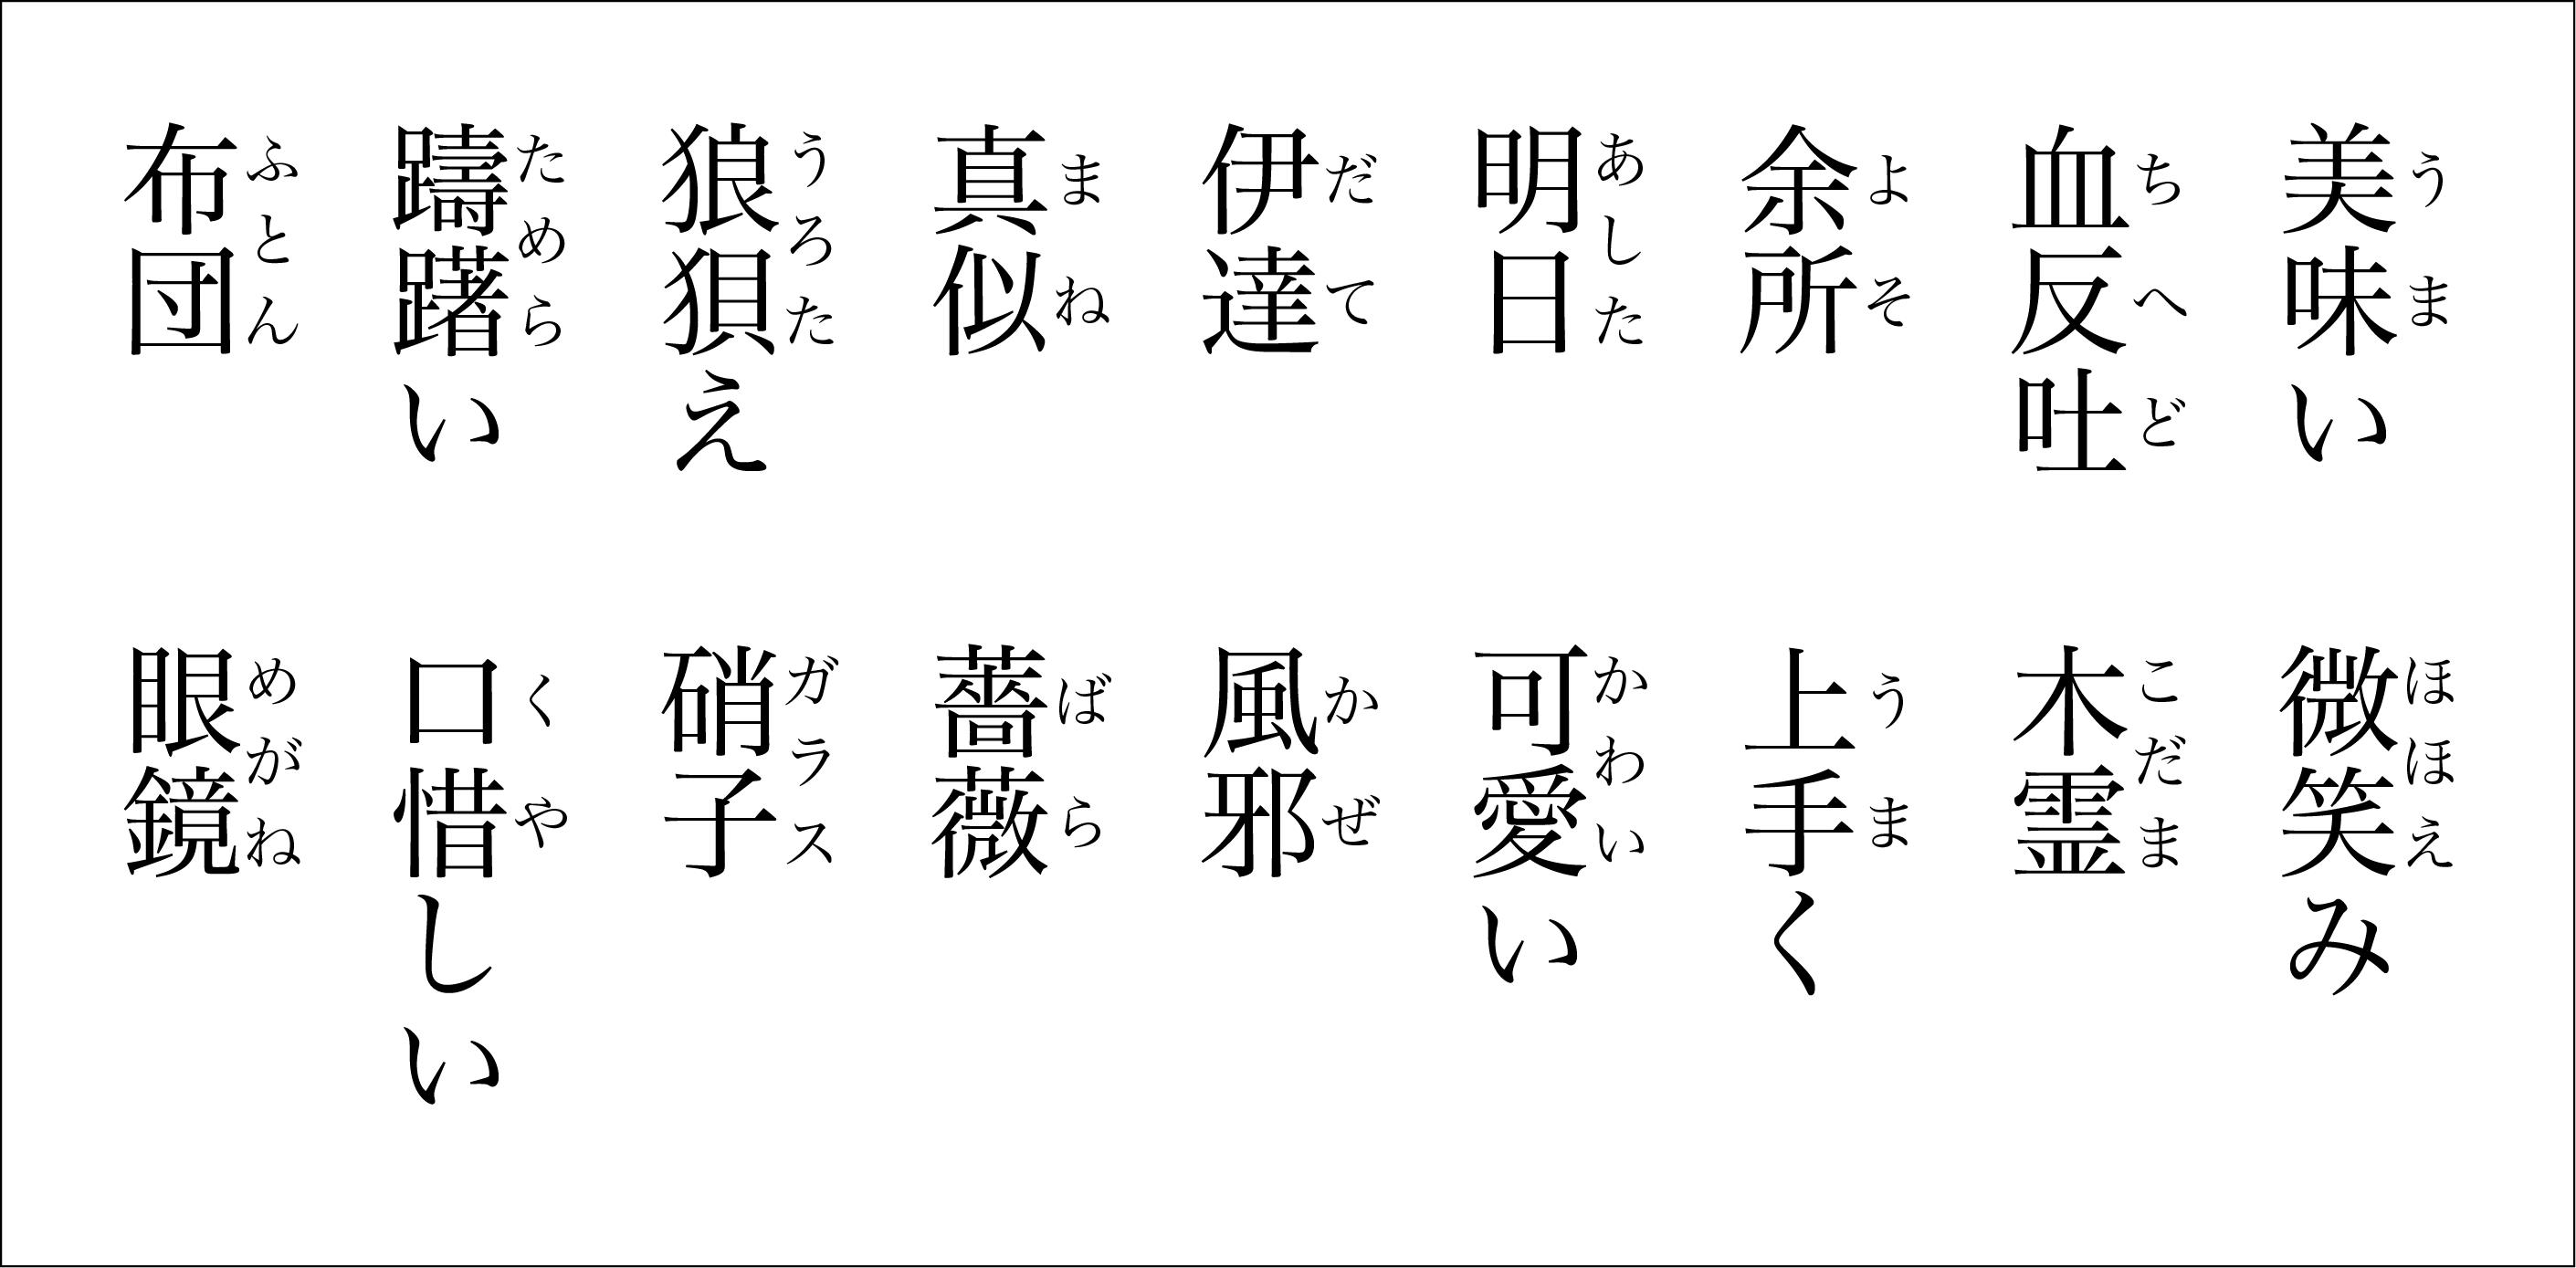 縦書き文字